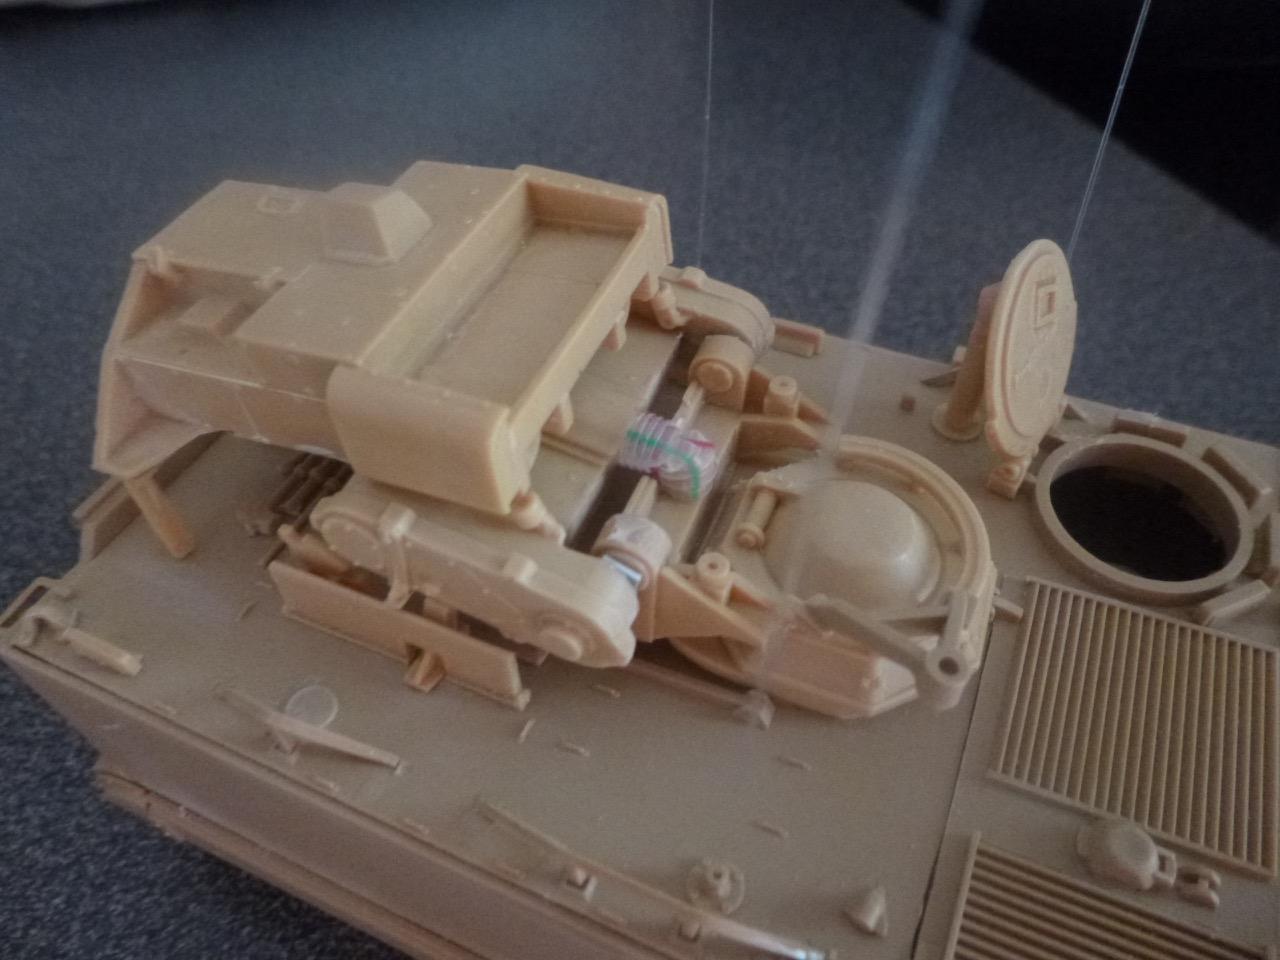 M113 / M109 Tow, une conversion en résine Verlinden au 1/35, base Tamiya 170122124108383374